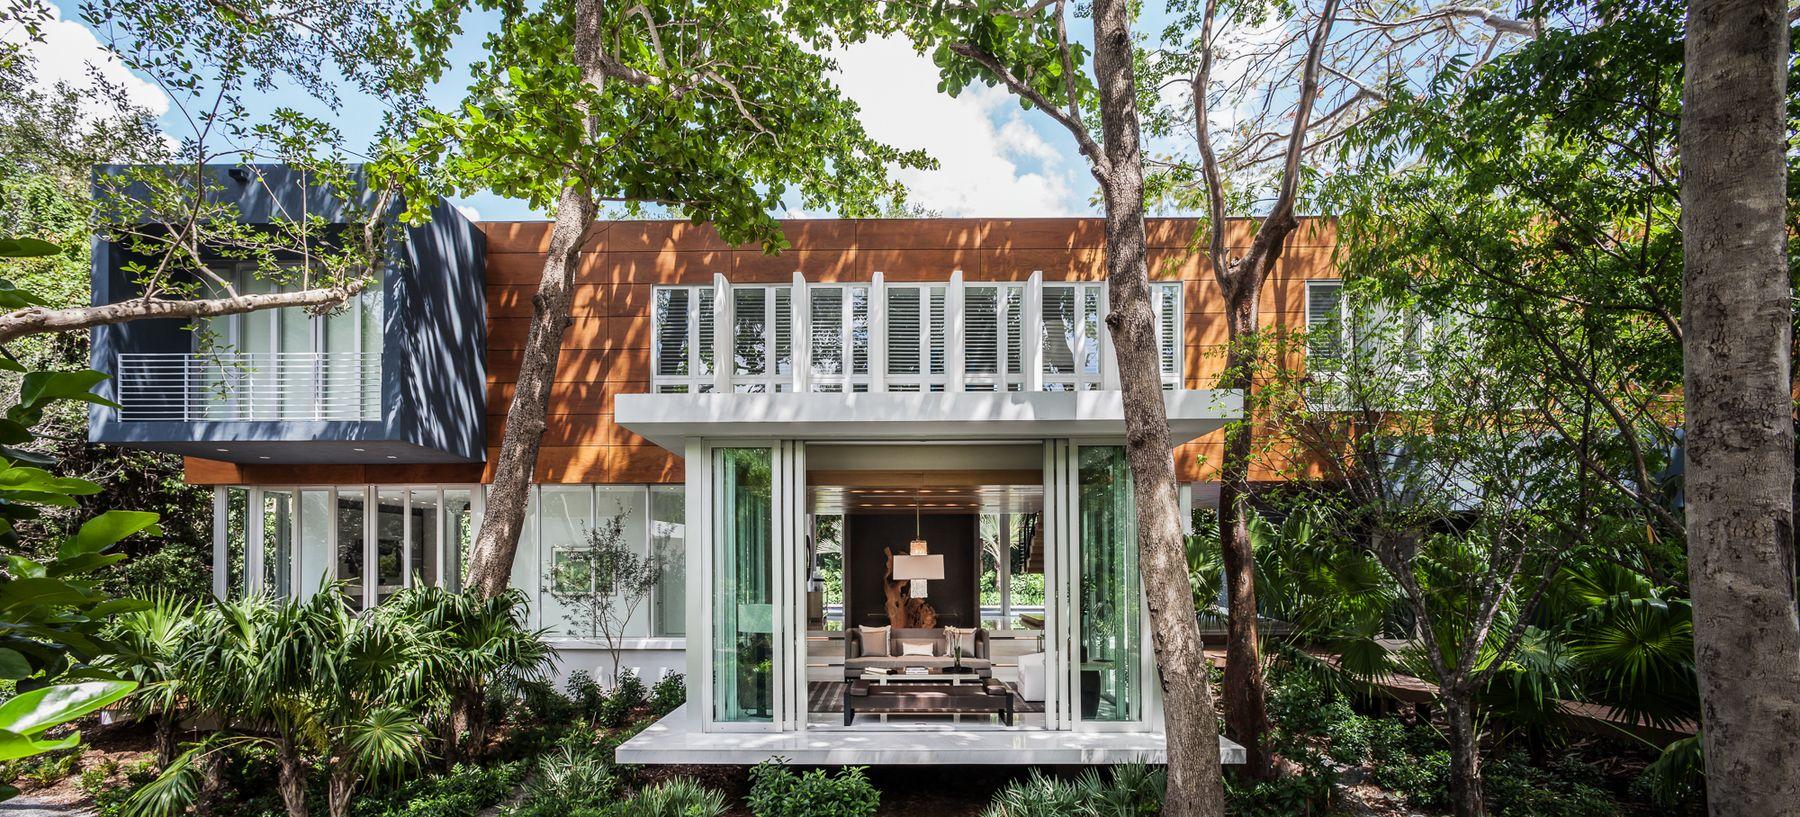 Coconut Grove Hammock House Shulman Associates